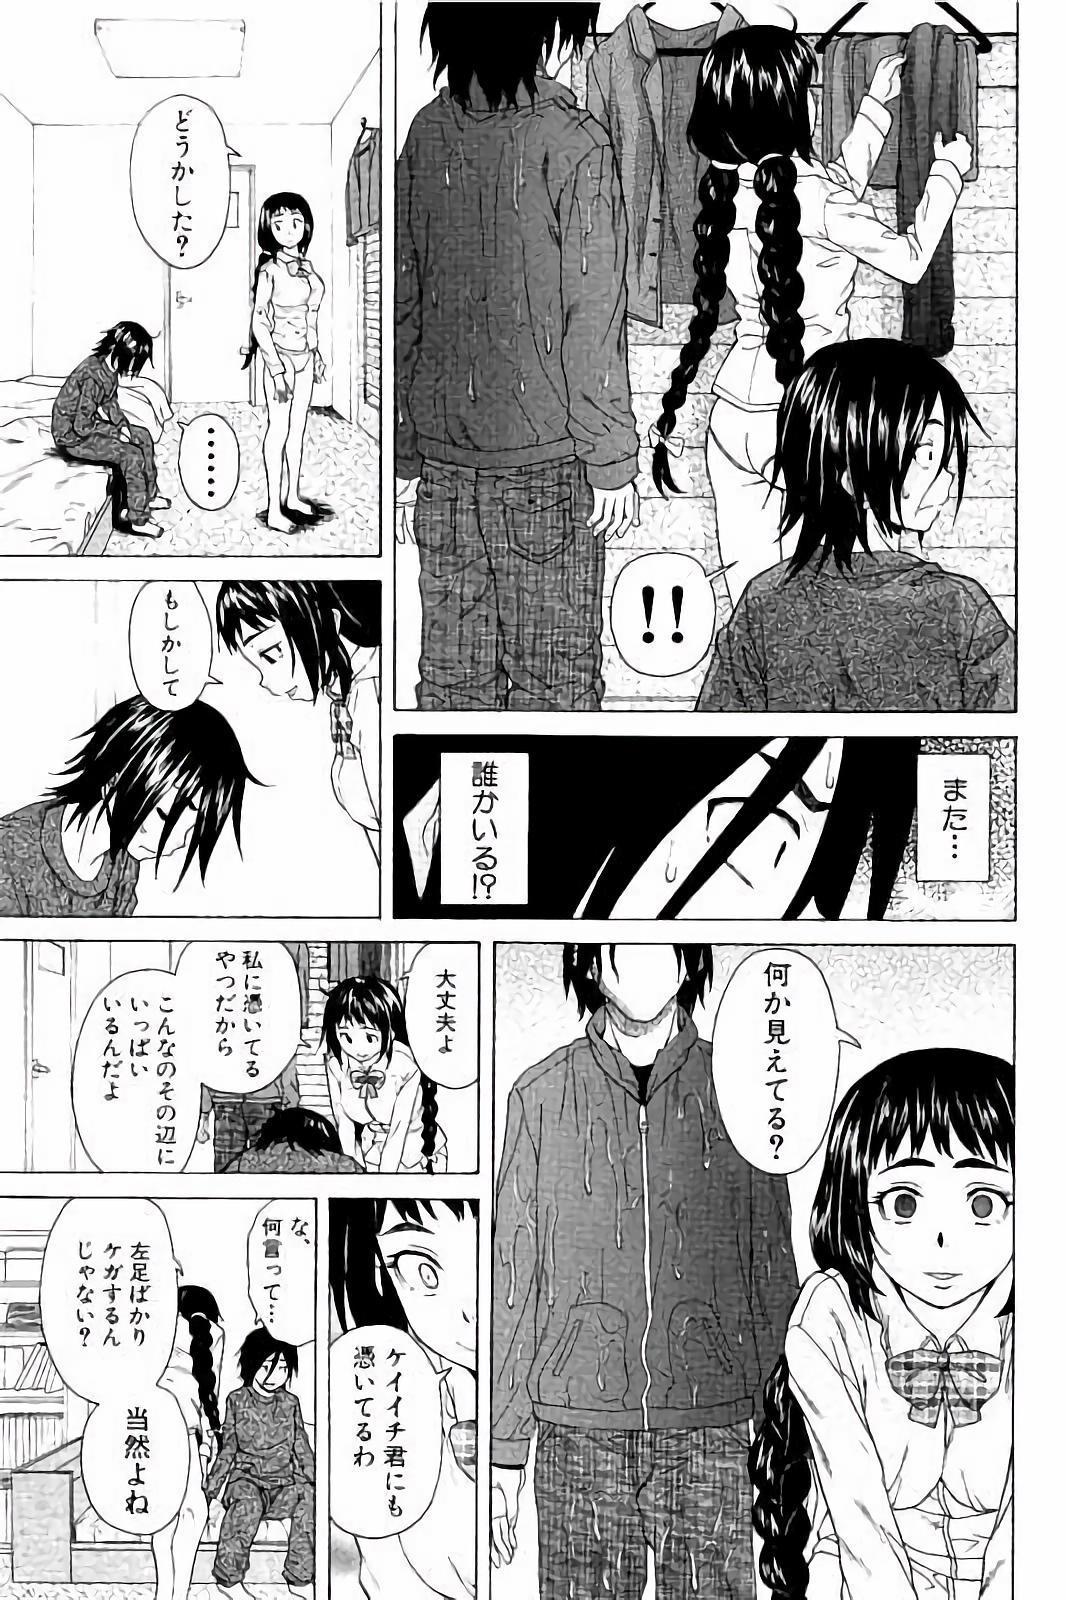 Ane no Himitsu To Boku no Jisatsu 18